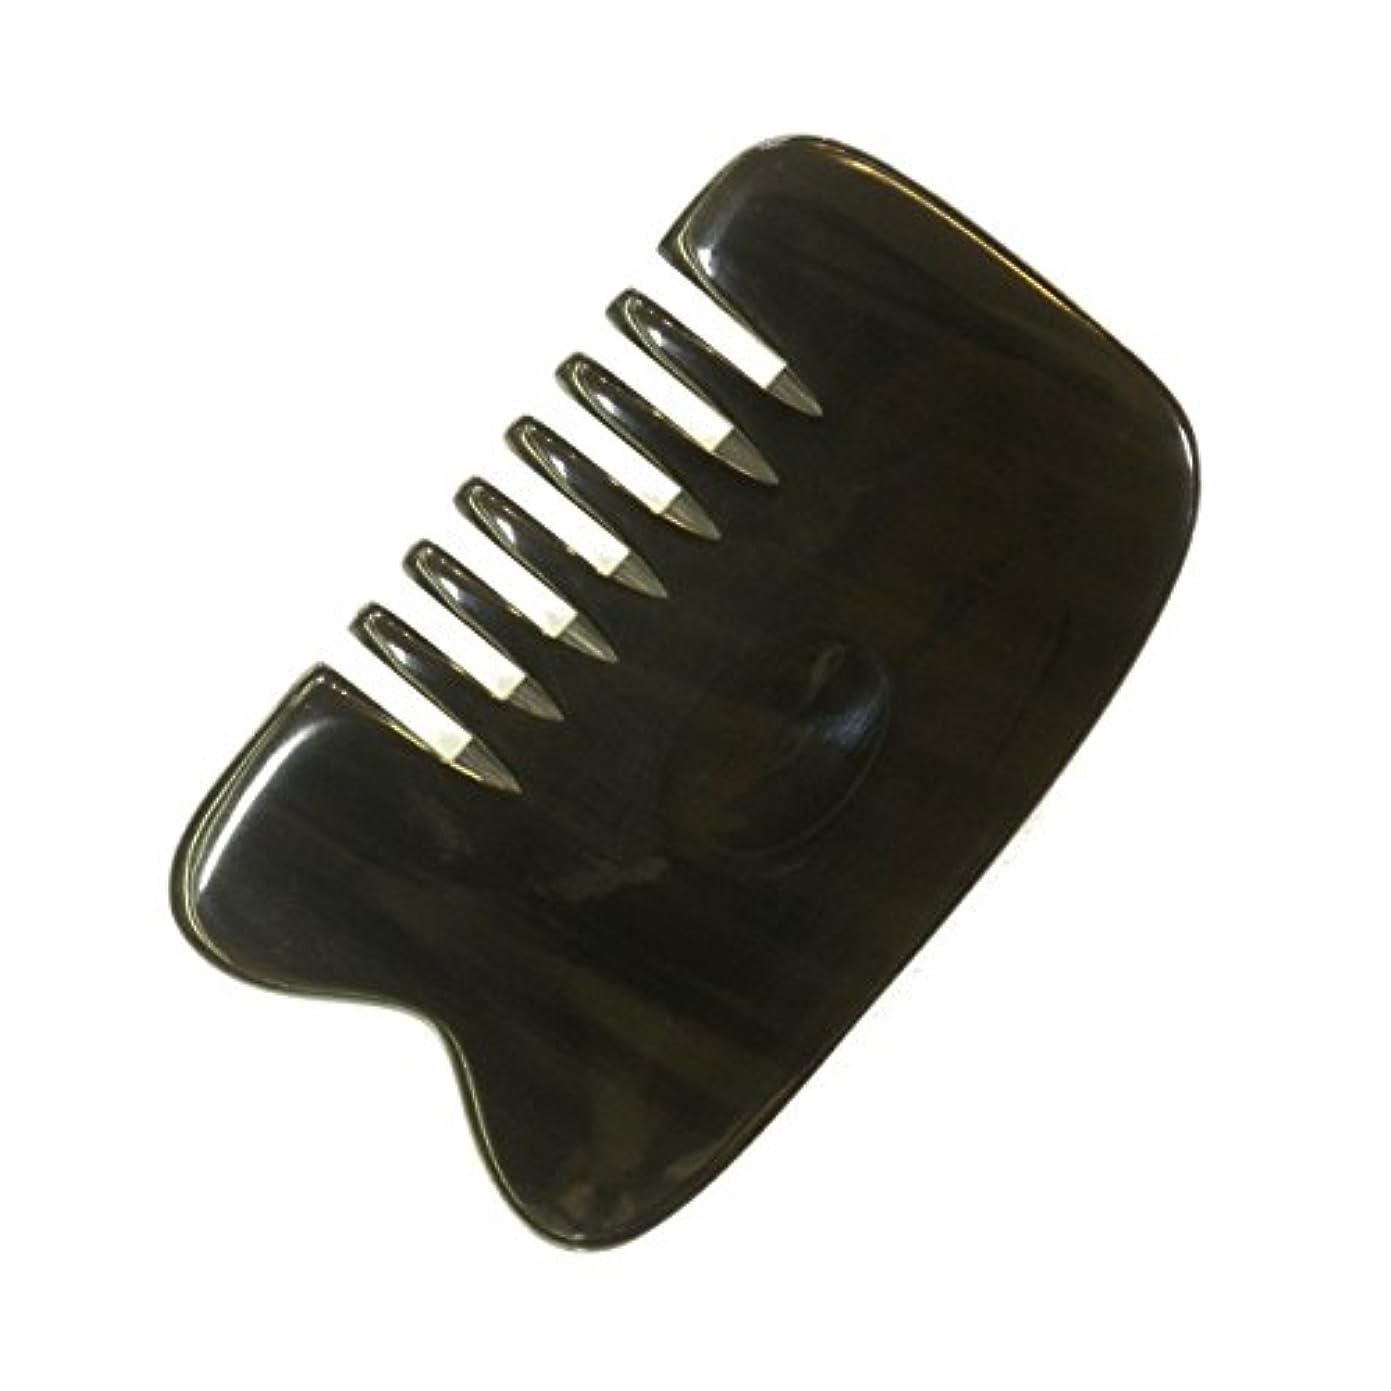 運命ソーセージ軍隊かっさ プレート 厚さが選べる 水牛の角(黒水牛角) EHE221SP 櫛型 特級品 少し厚め(7ミリ程度)